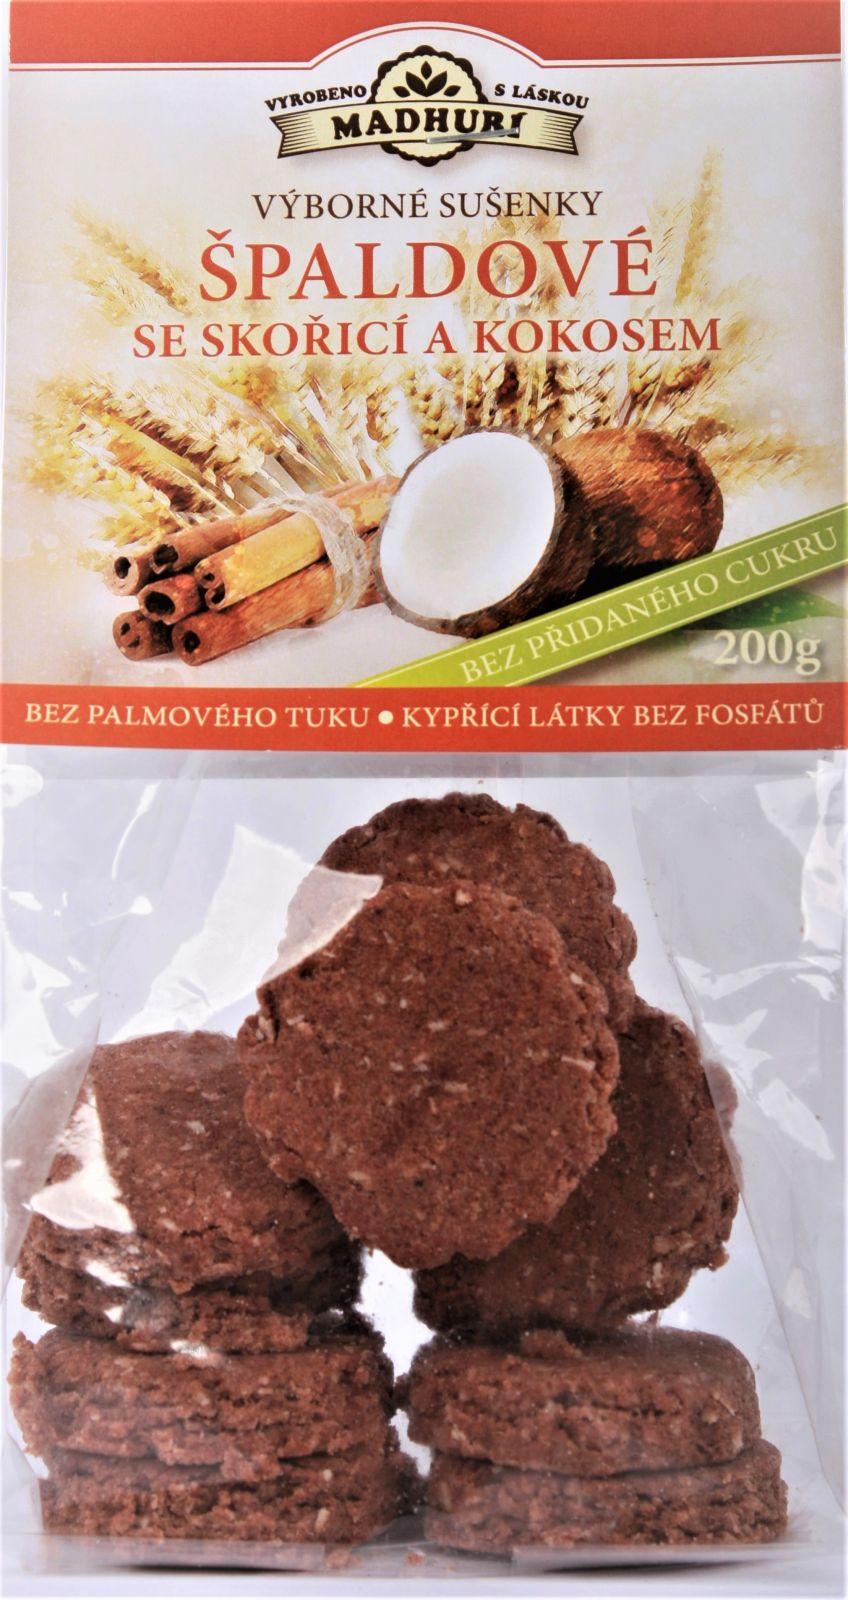 Špaldové měkké sušenky se skořicí a kokosem